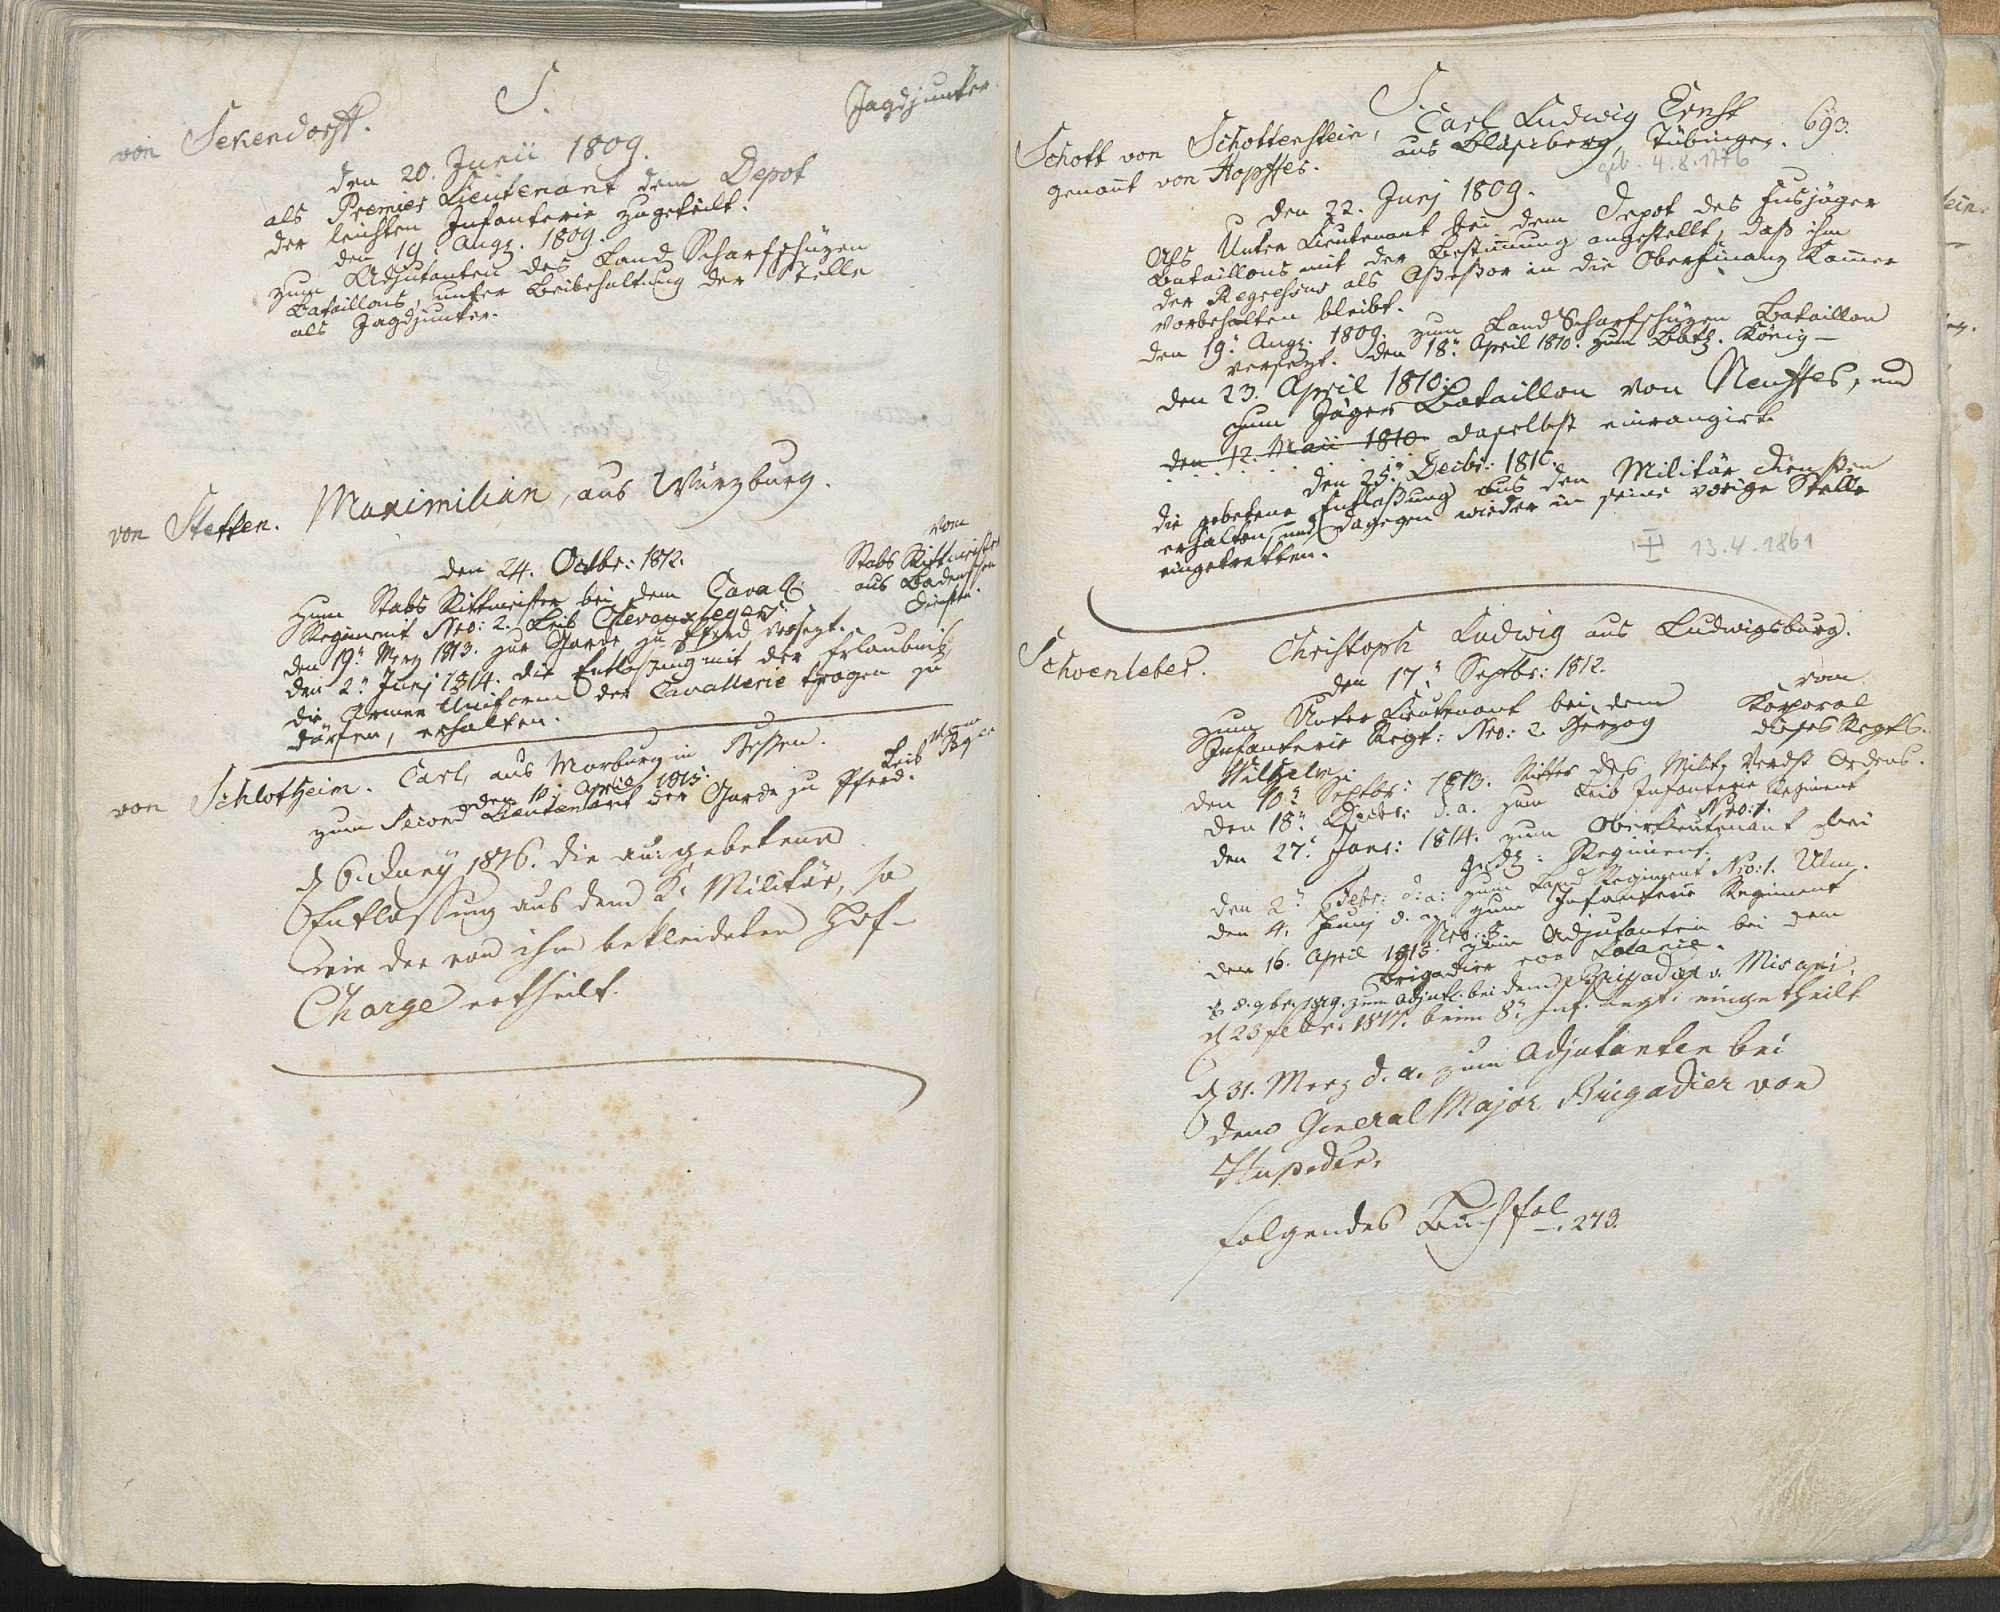 Schott von Schottenstein, Carl Ludwig Ernst, genannt von Hopffer, Bild 1